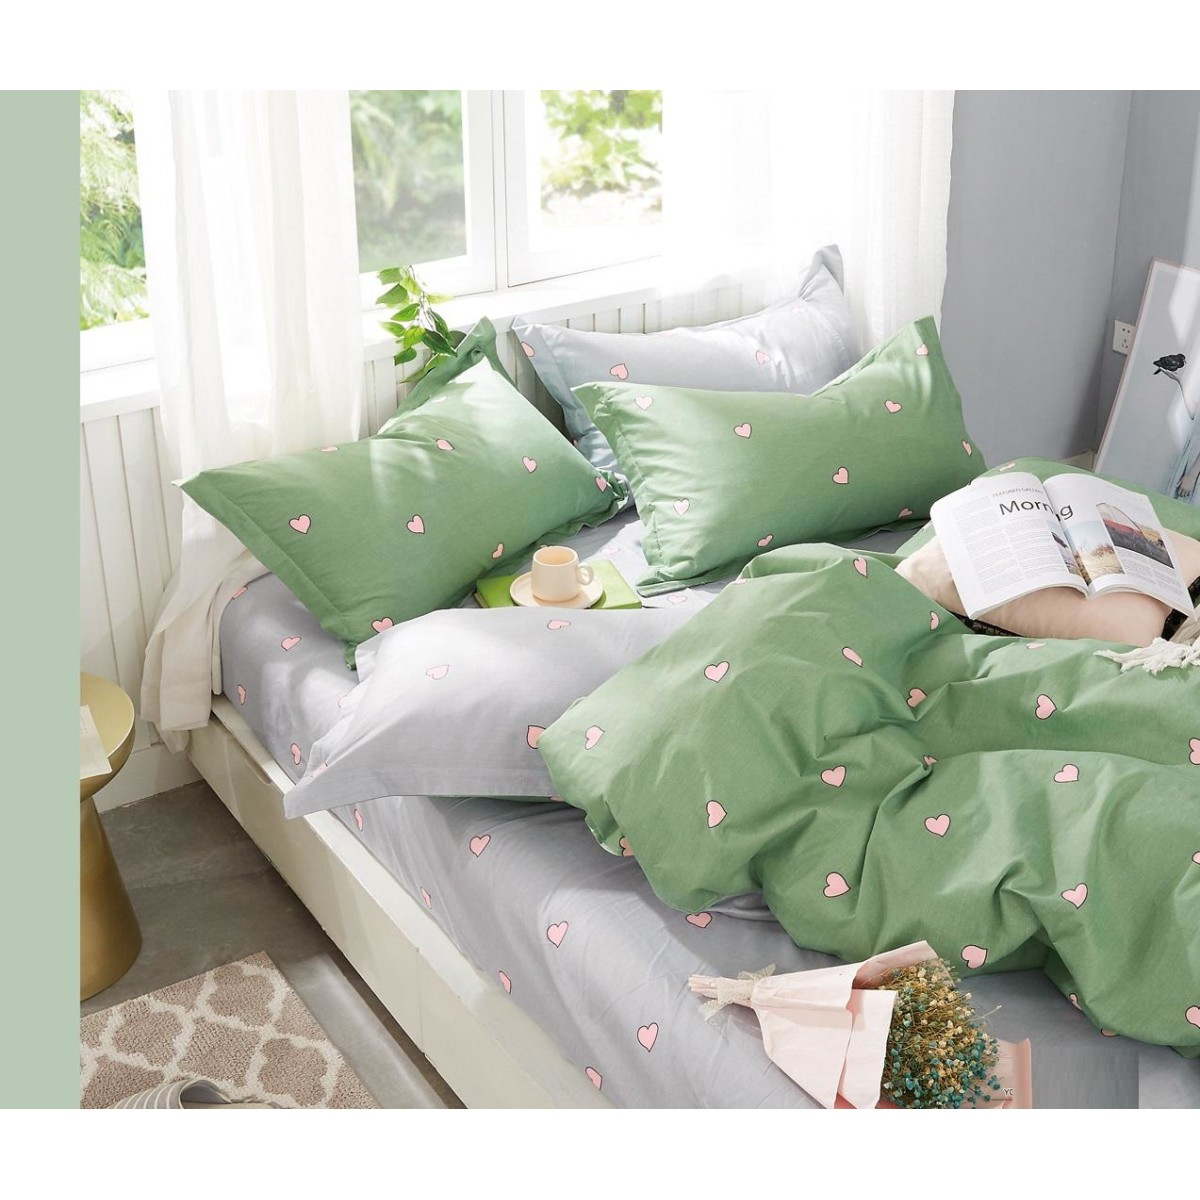 Комплект постельного белья 2-спальный Jardin 3820/160/809